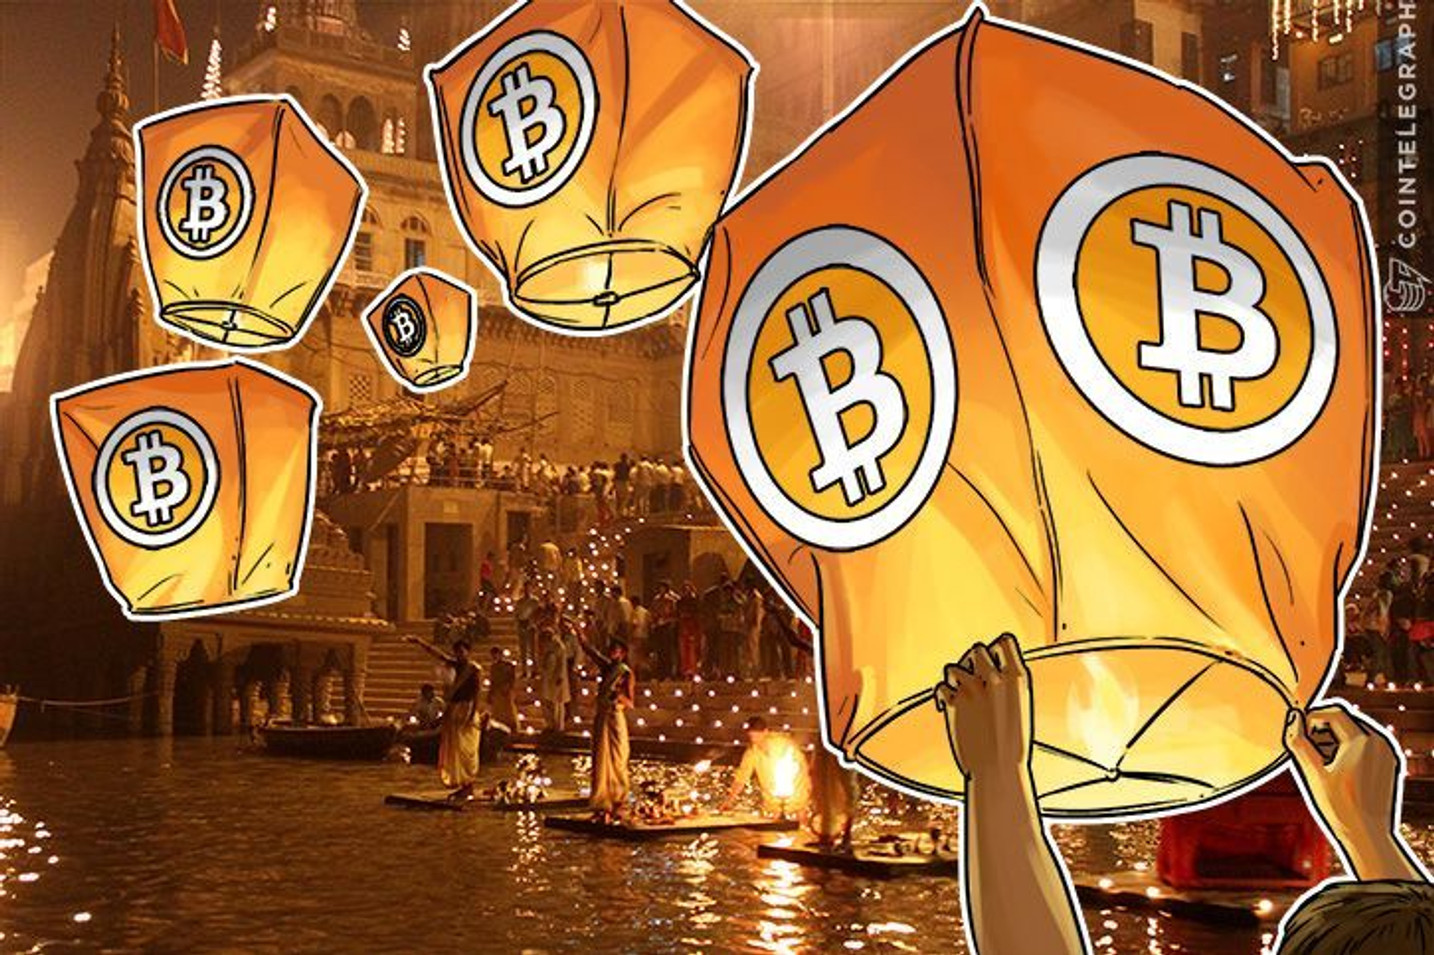 Precio de Bitcoin supera los 30k y la ONG Bitcoin Argentina le dedica un poema